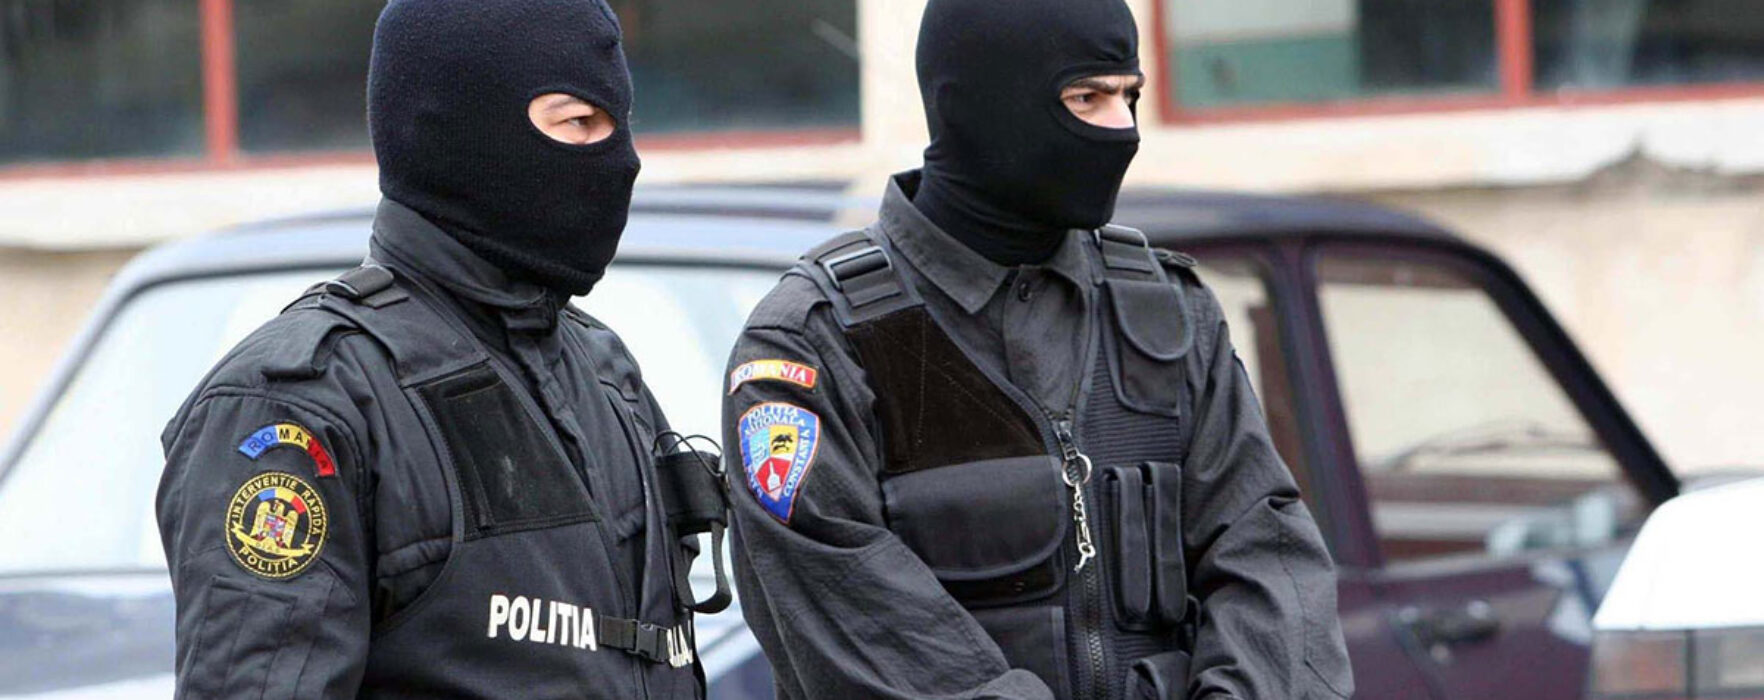 Dâmboviţa: Percheziţii la persoane suspectate de furt, patru mandate de aducere puse în aplicare